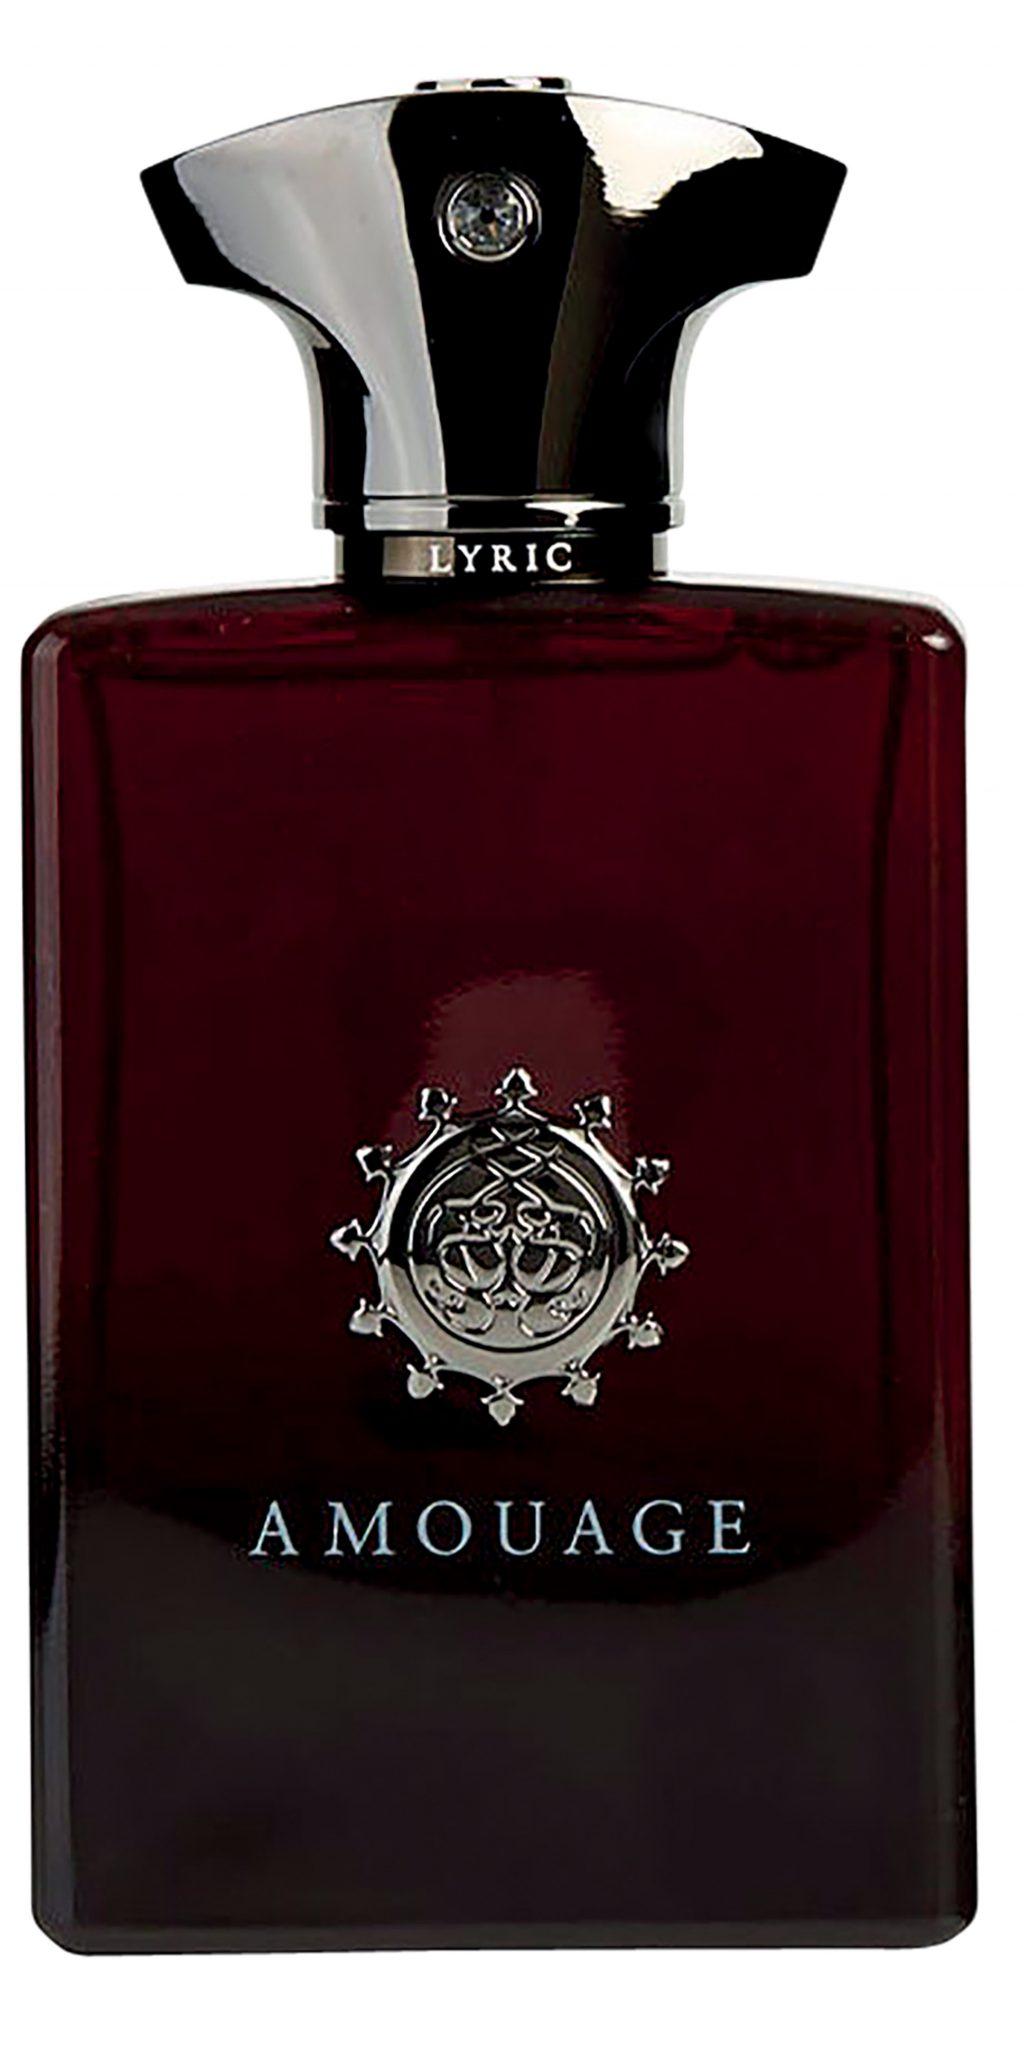 mùi hương nước hoa Amouage Lyric